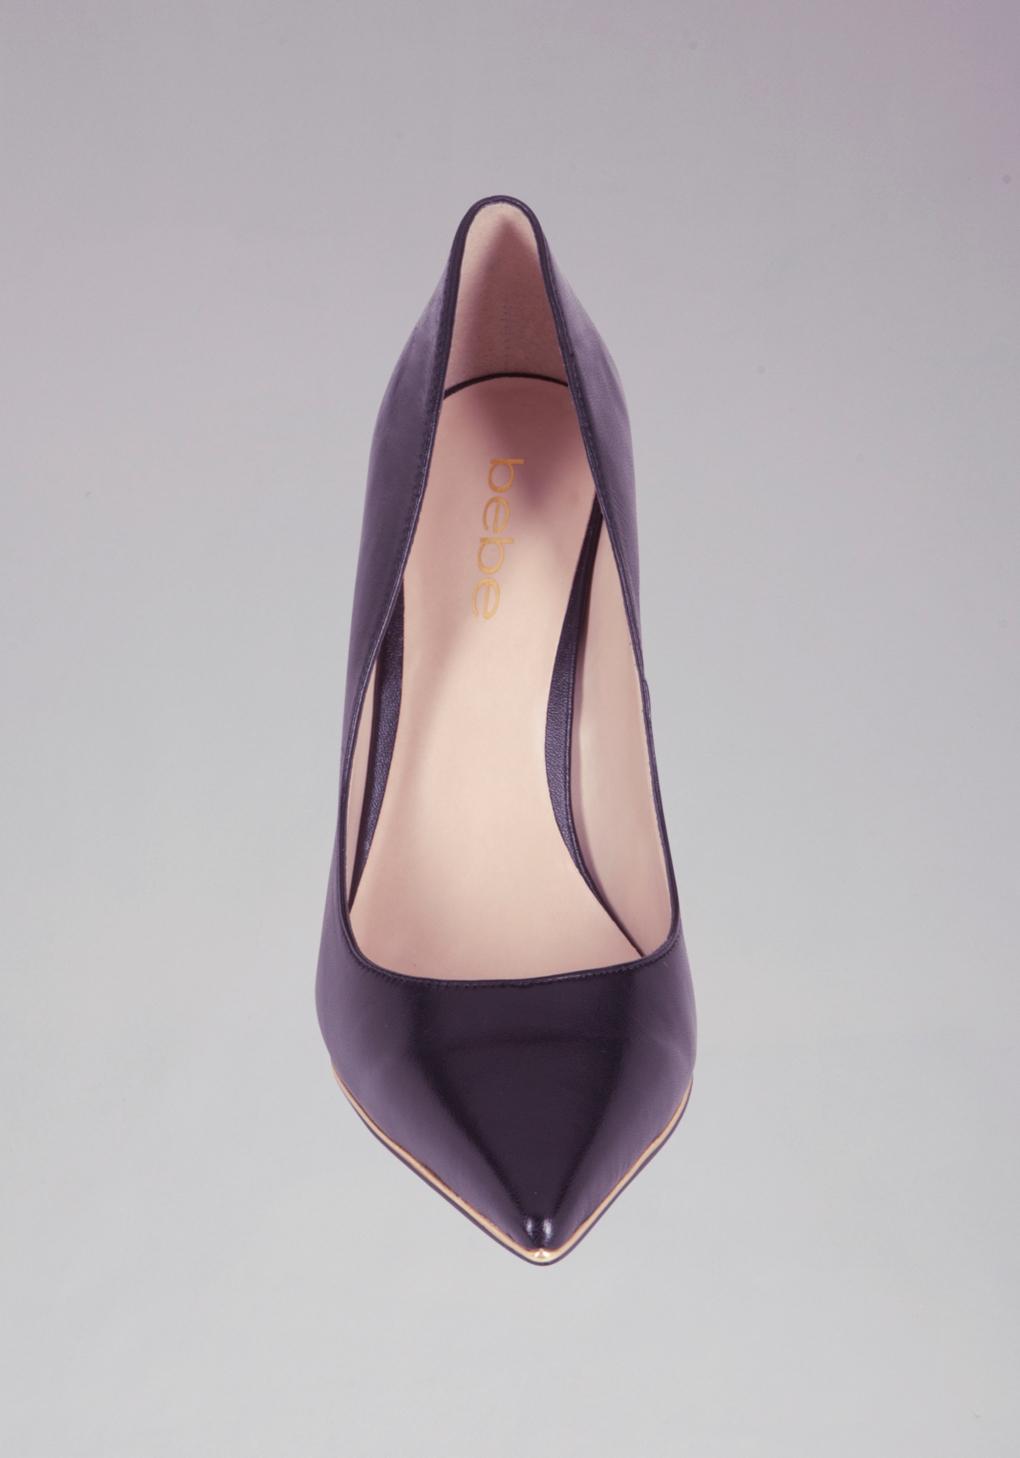 Annapelle Shoes Australia